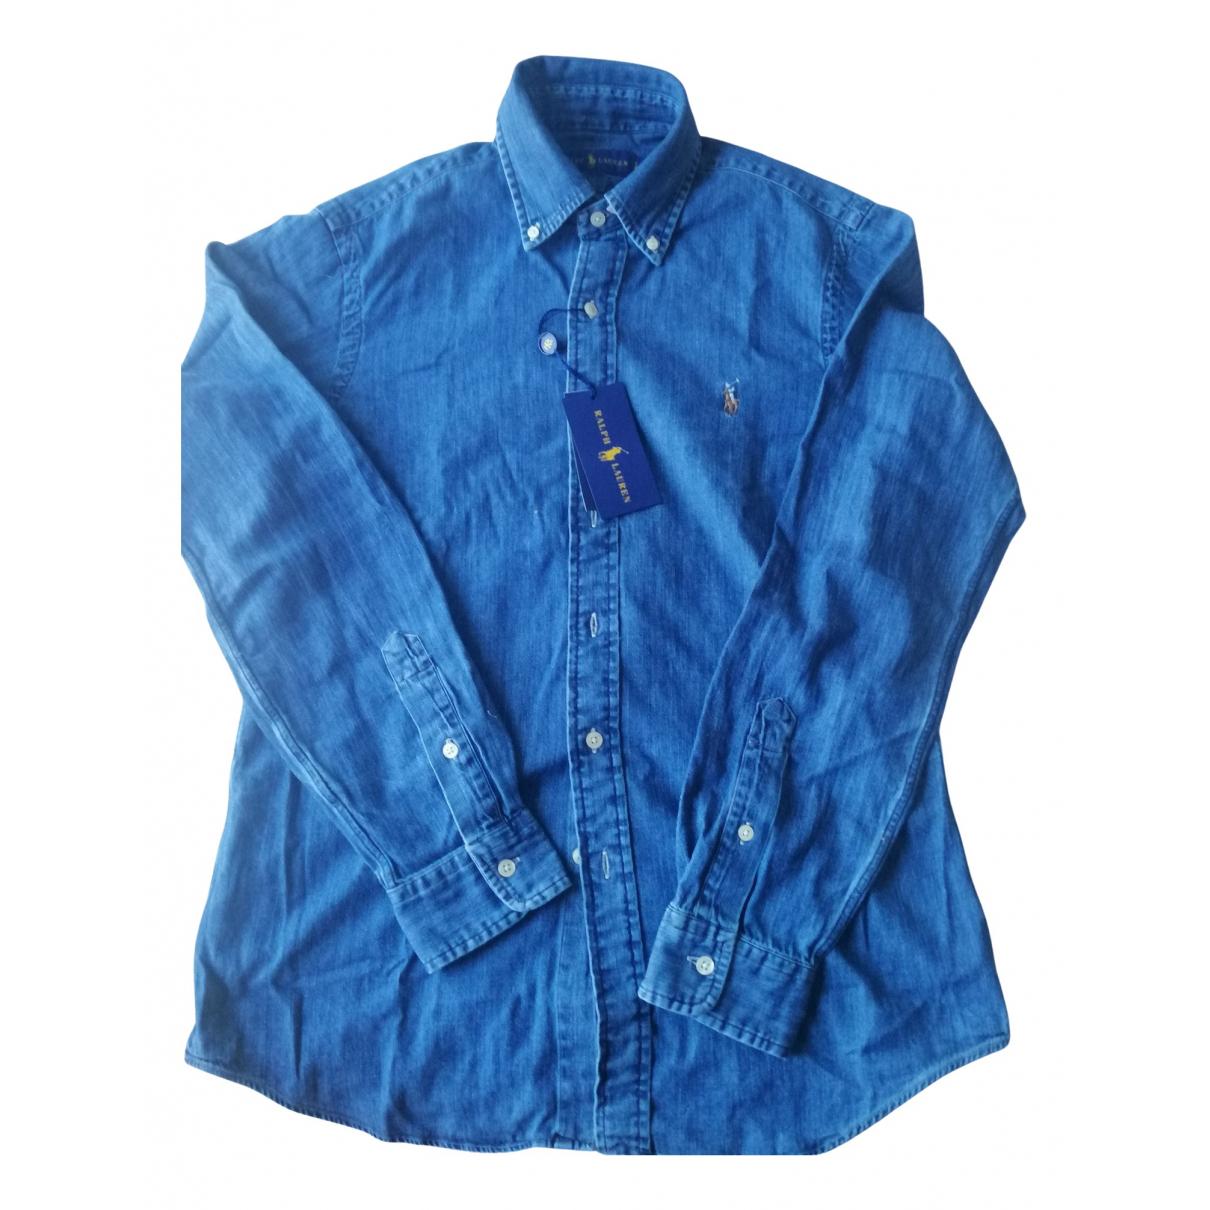 Ralph Lauren - Chemises   pour homme en denim - bleu